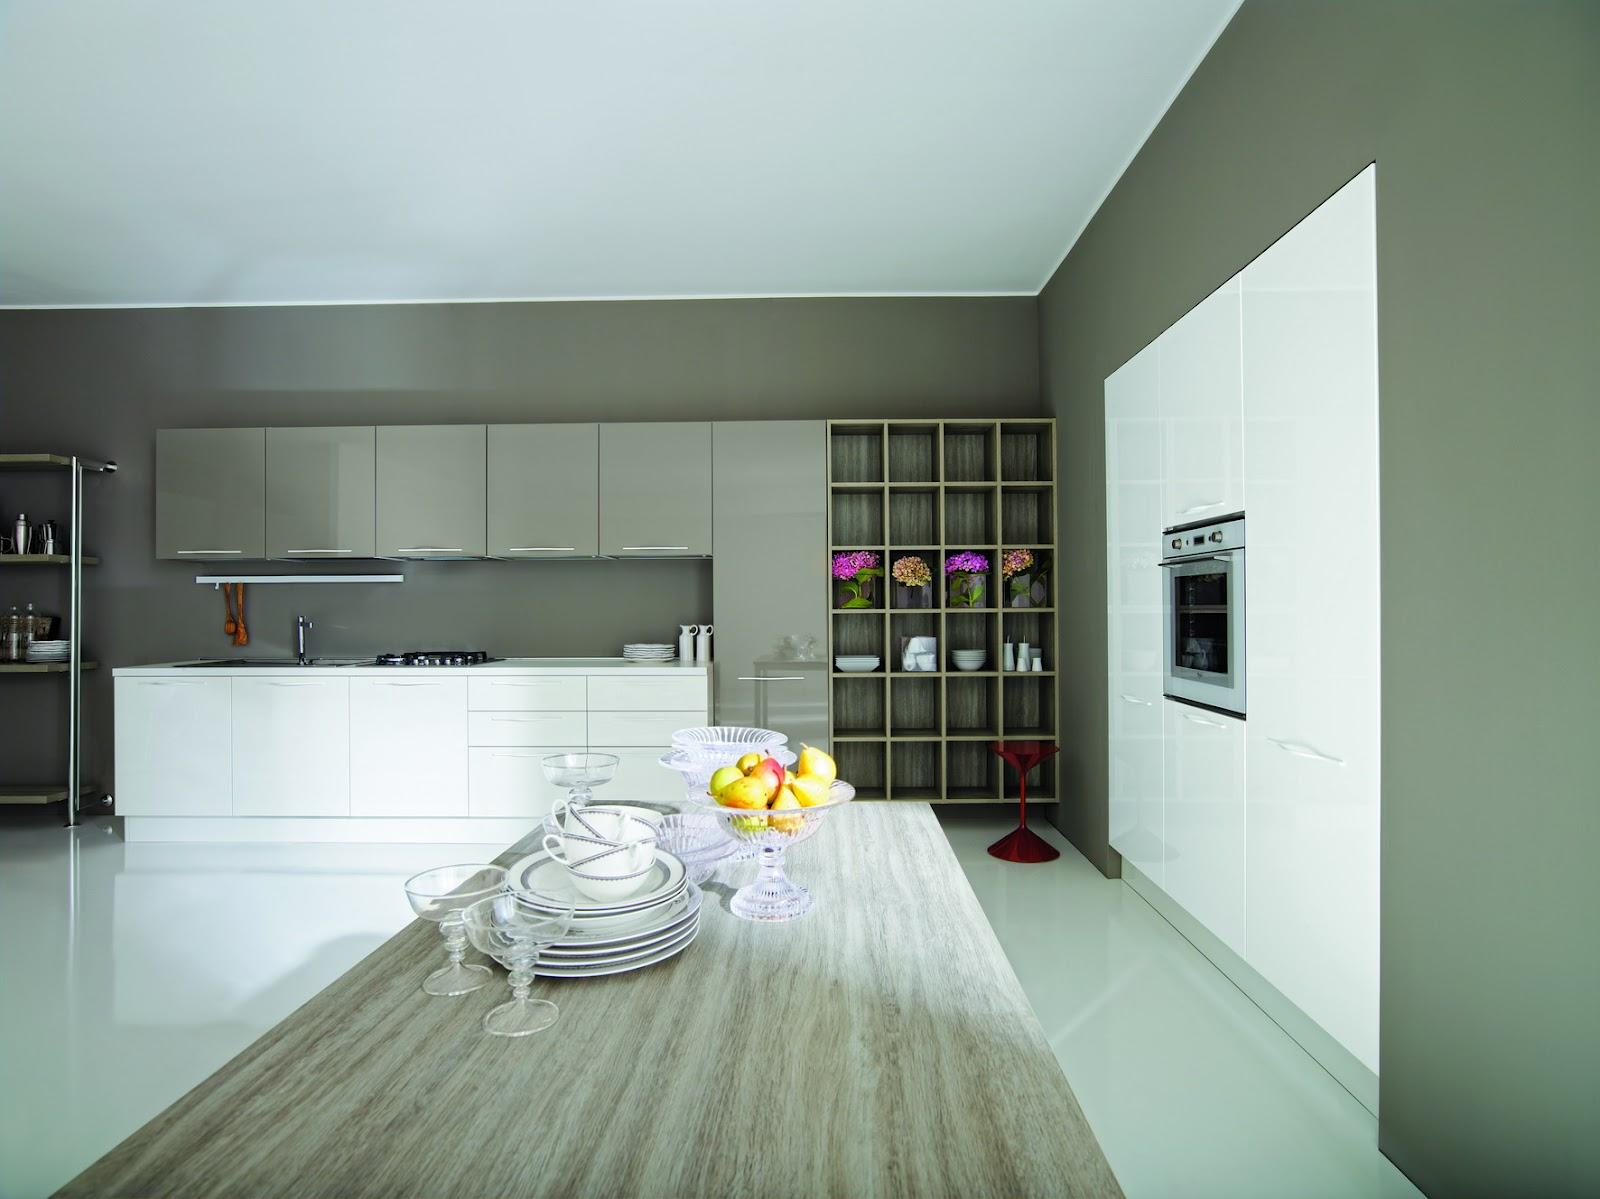 Casa e tecnologia aran cucina terra bianco tortora lucido for Casa moderna tortora